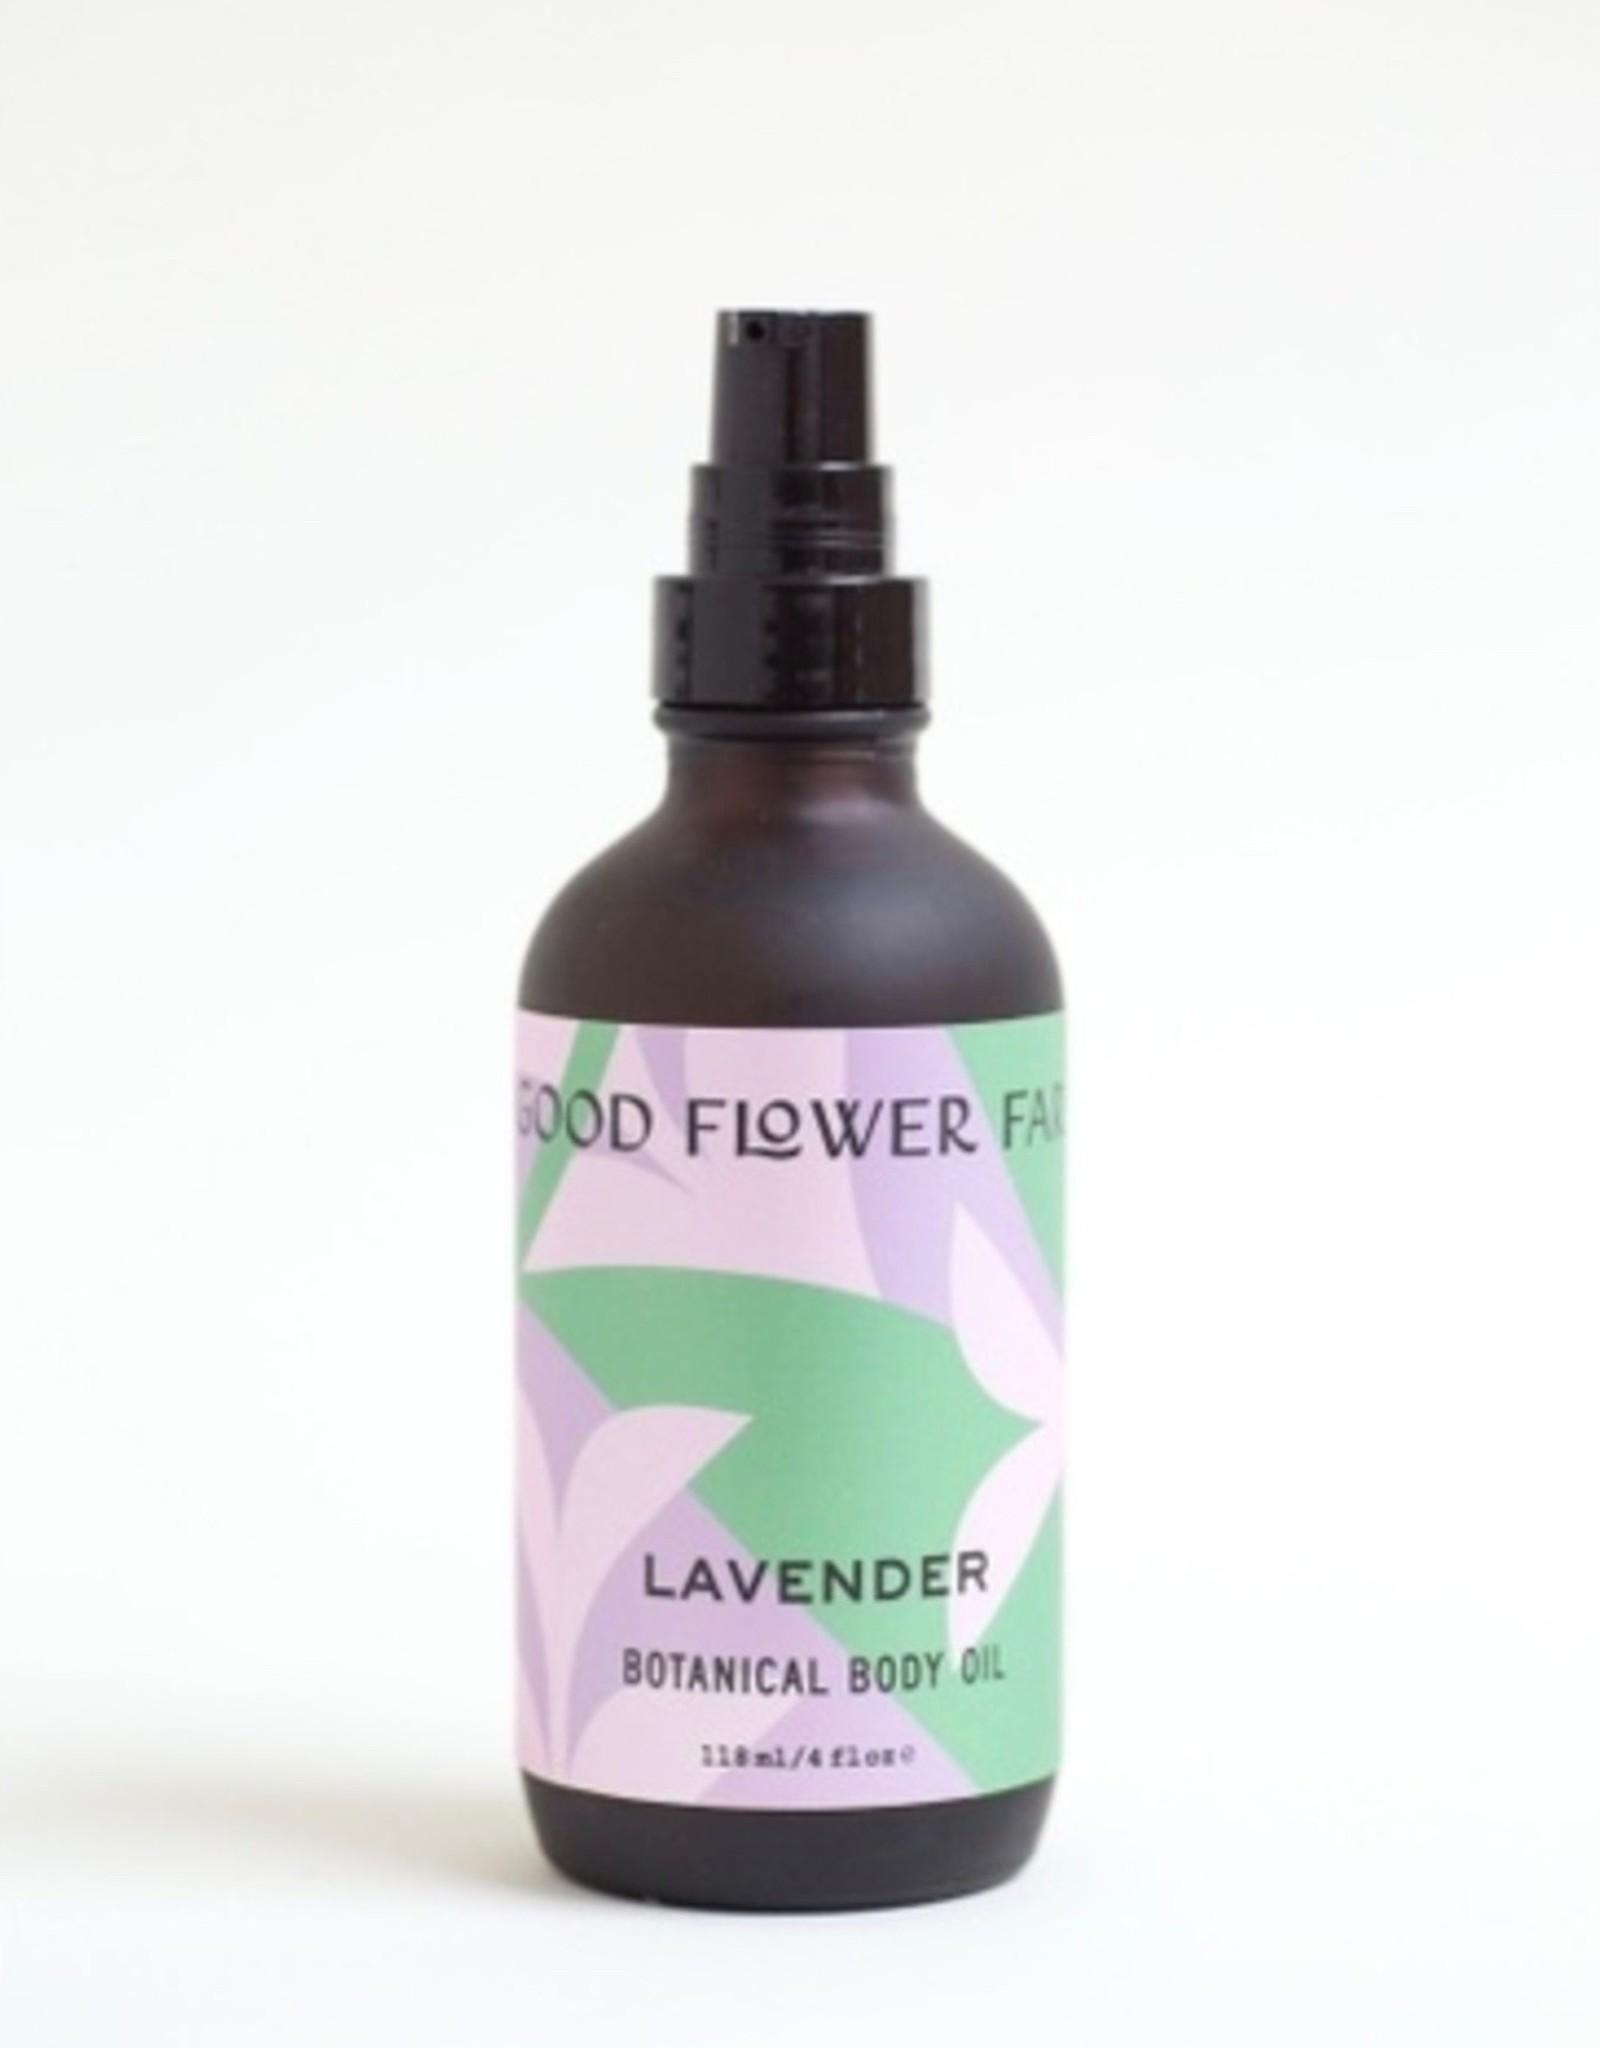 Good Flower Farm Good Flower Farm Lavender Body Oil